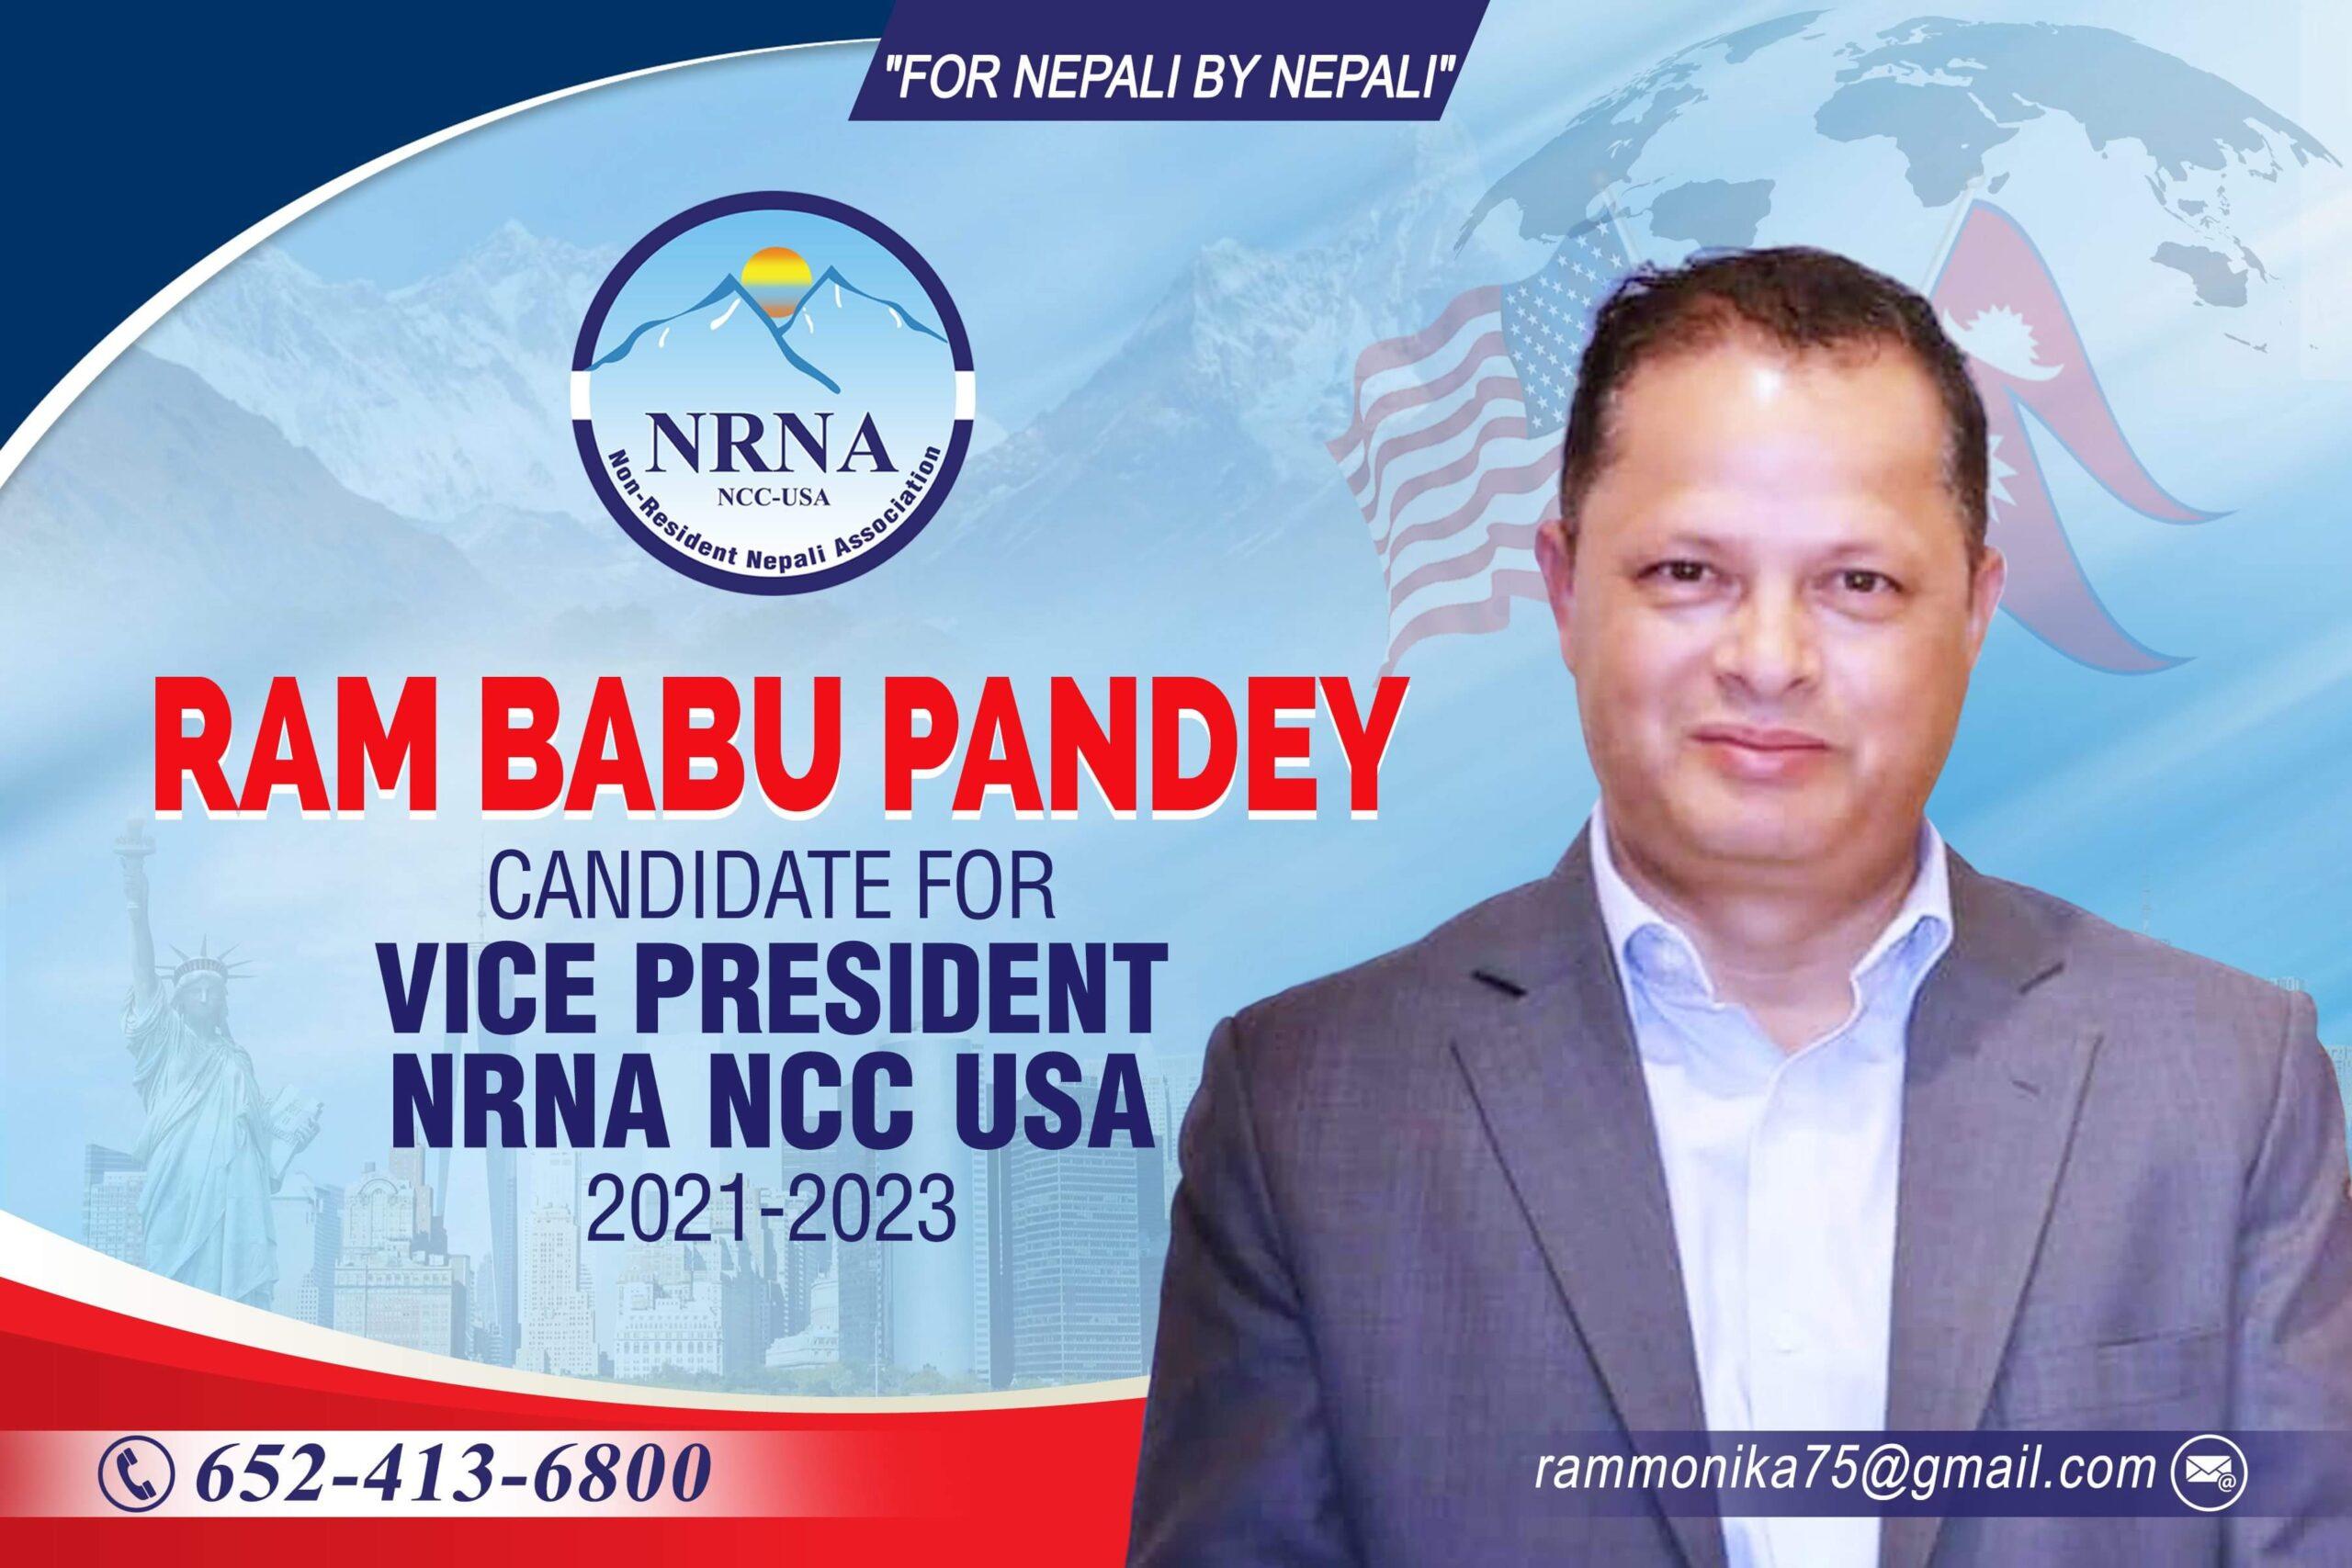 रामबाबु पान्डे : एनआरएनए अमेरिका उपाध्यक्ष पदका उमेद्वार